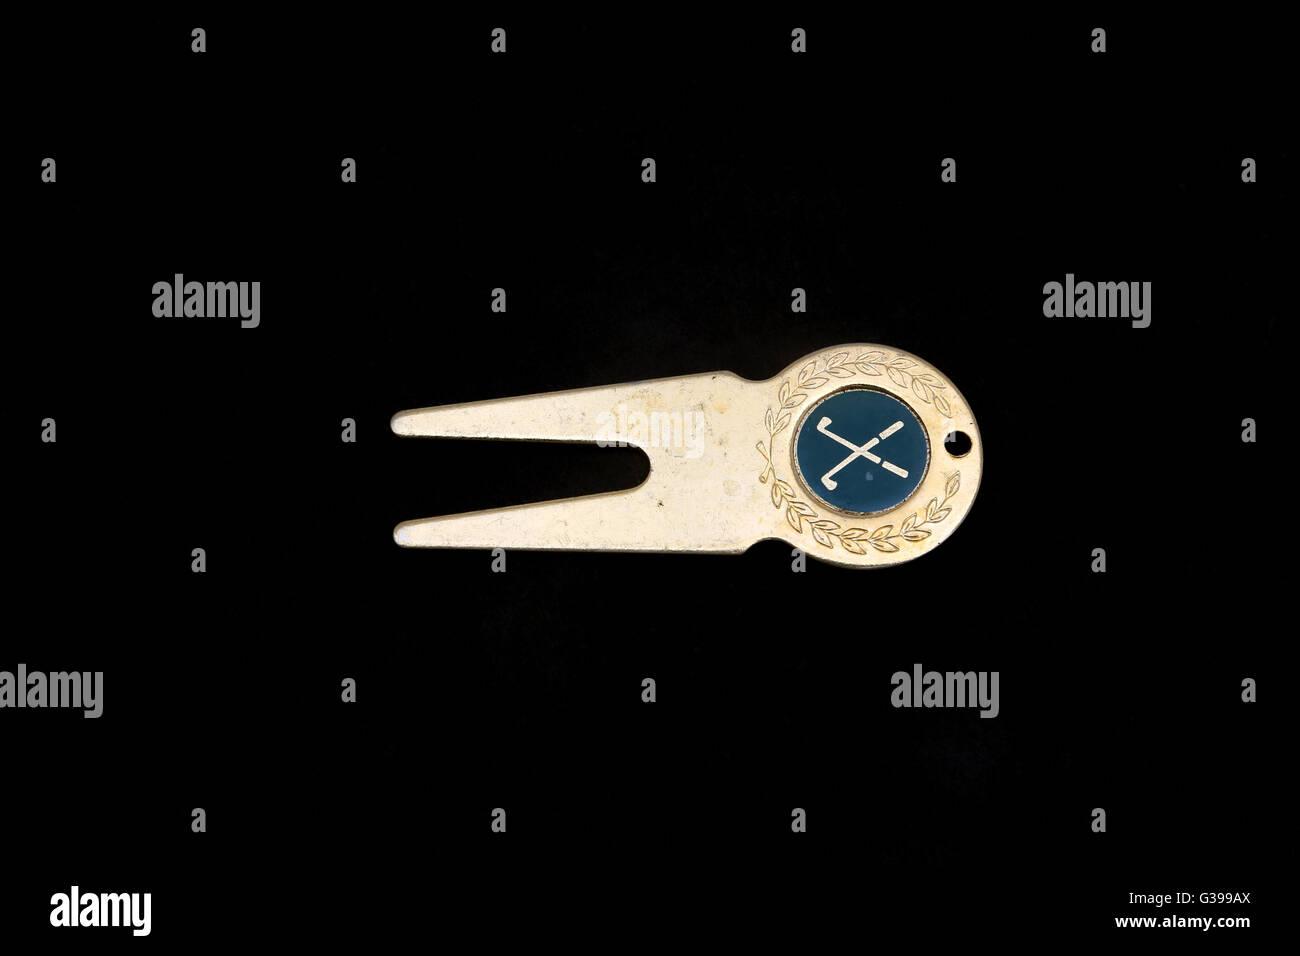 Golf Divot Tool - Stock Image